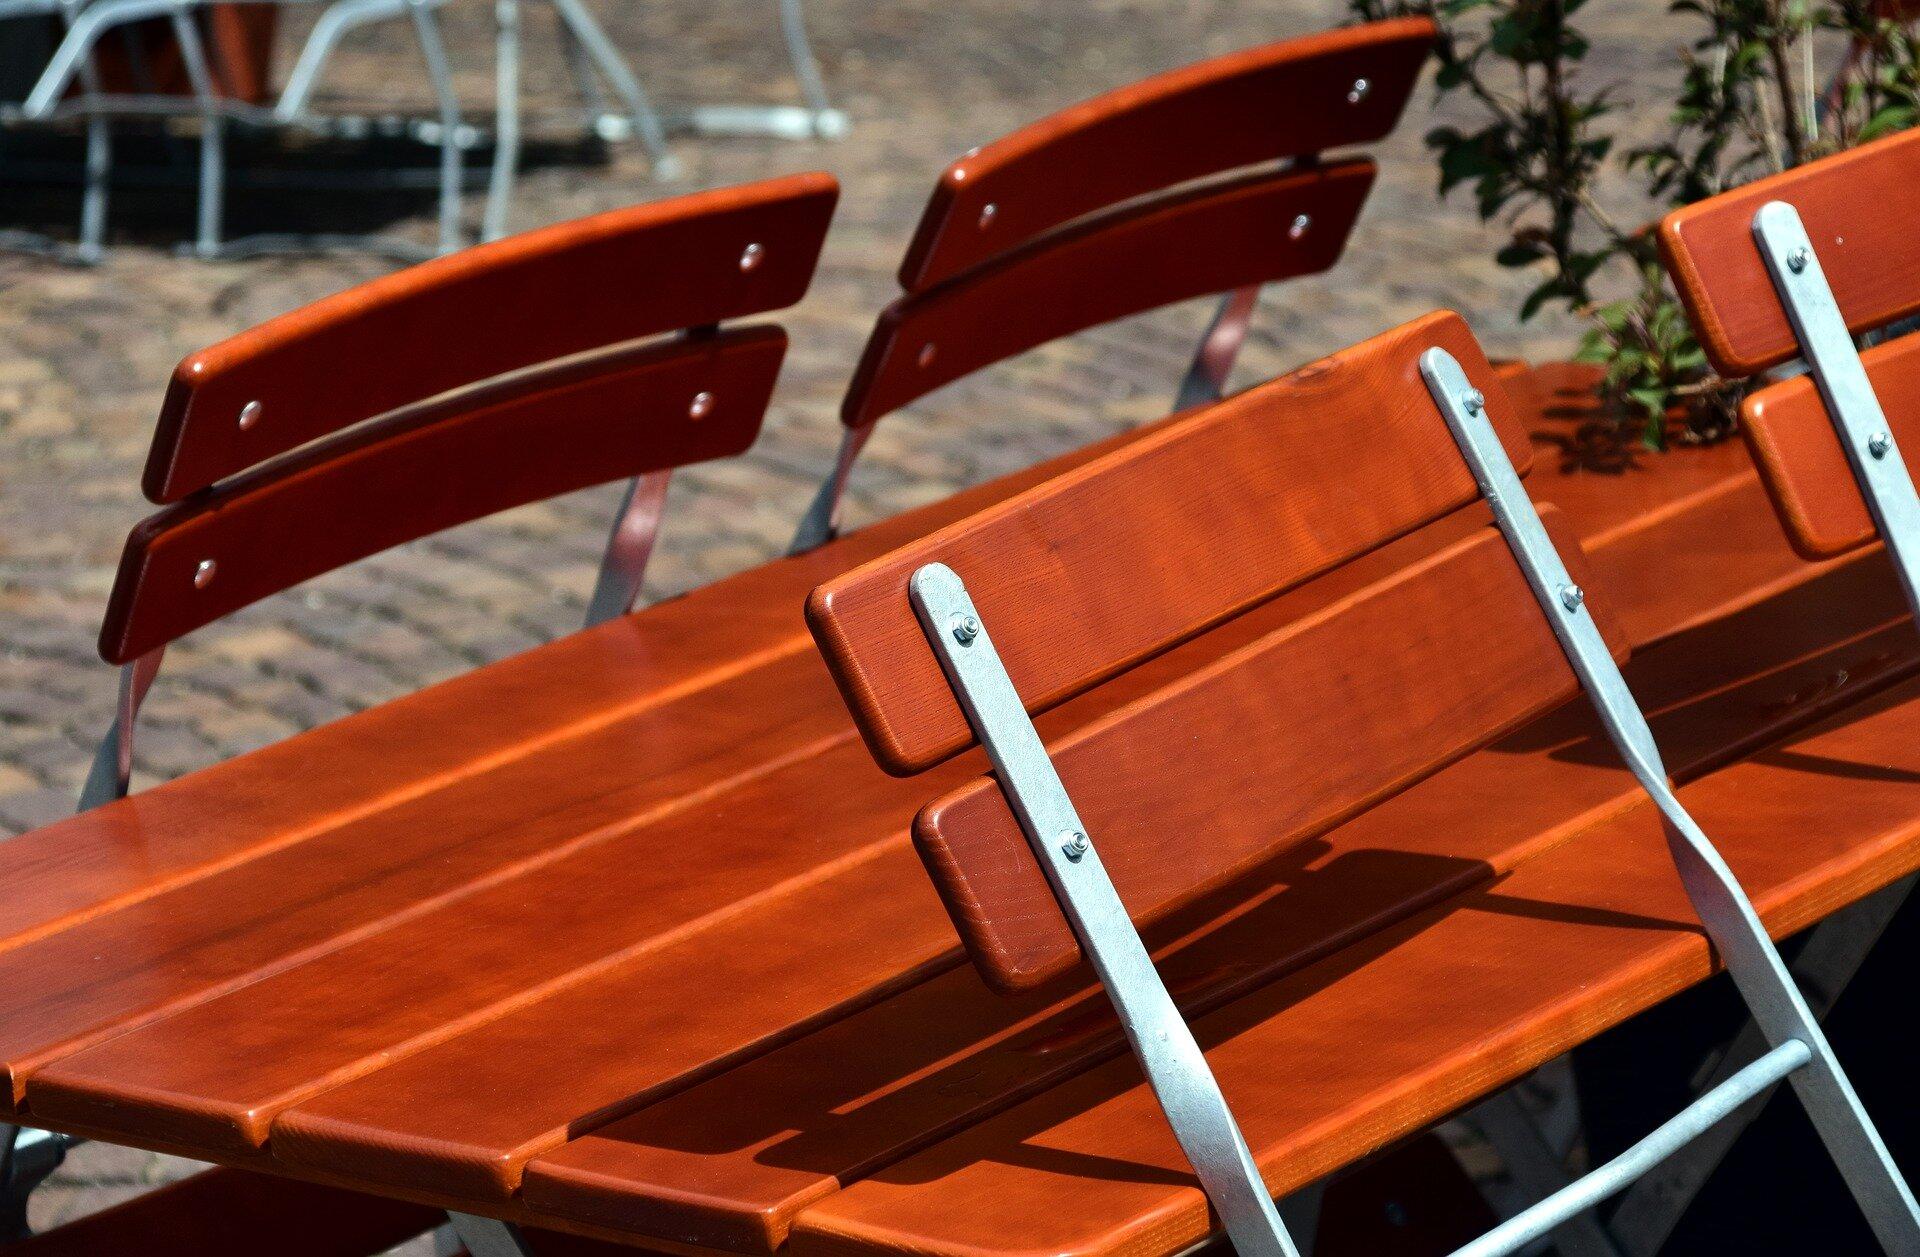 chairs-2466036_1920.jpg